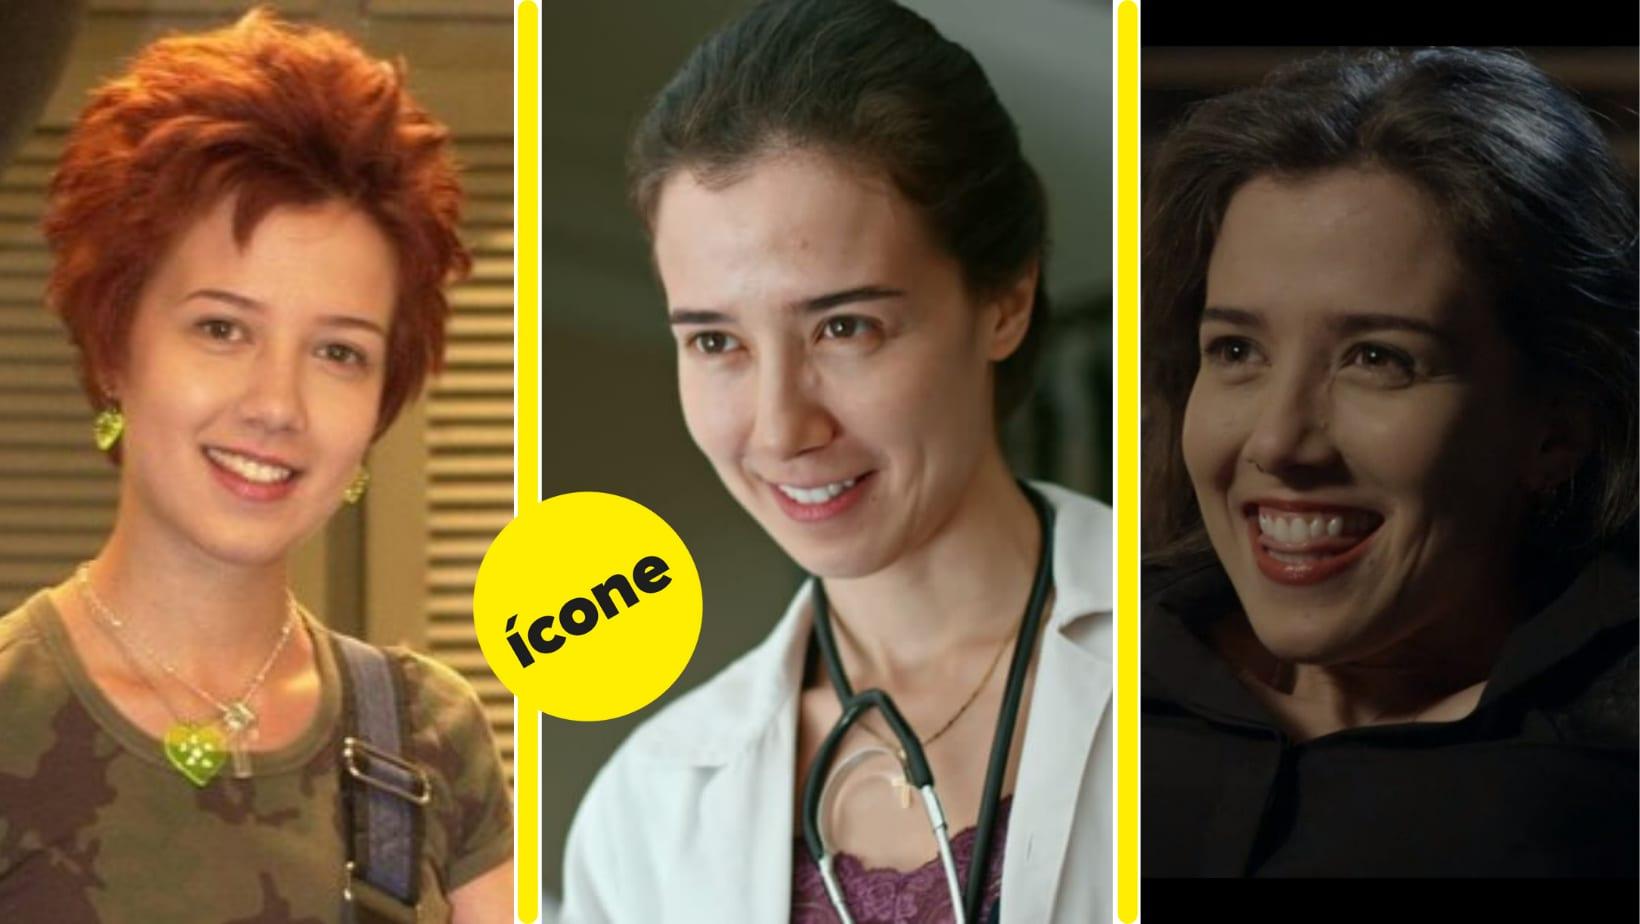 """Marjorie nos papéis de Natasha, Dra. Carolina e Cora. Um selo do Buzzfeed com o texto """"ícone"""" também acompanha a imagem."""